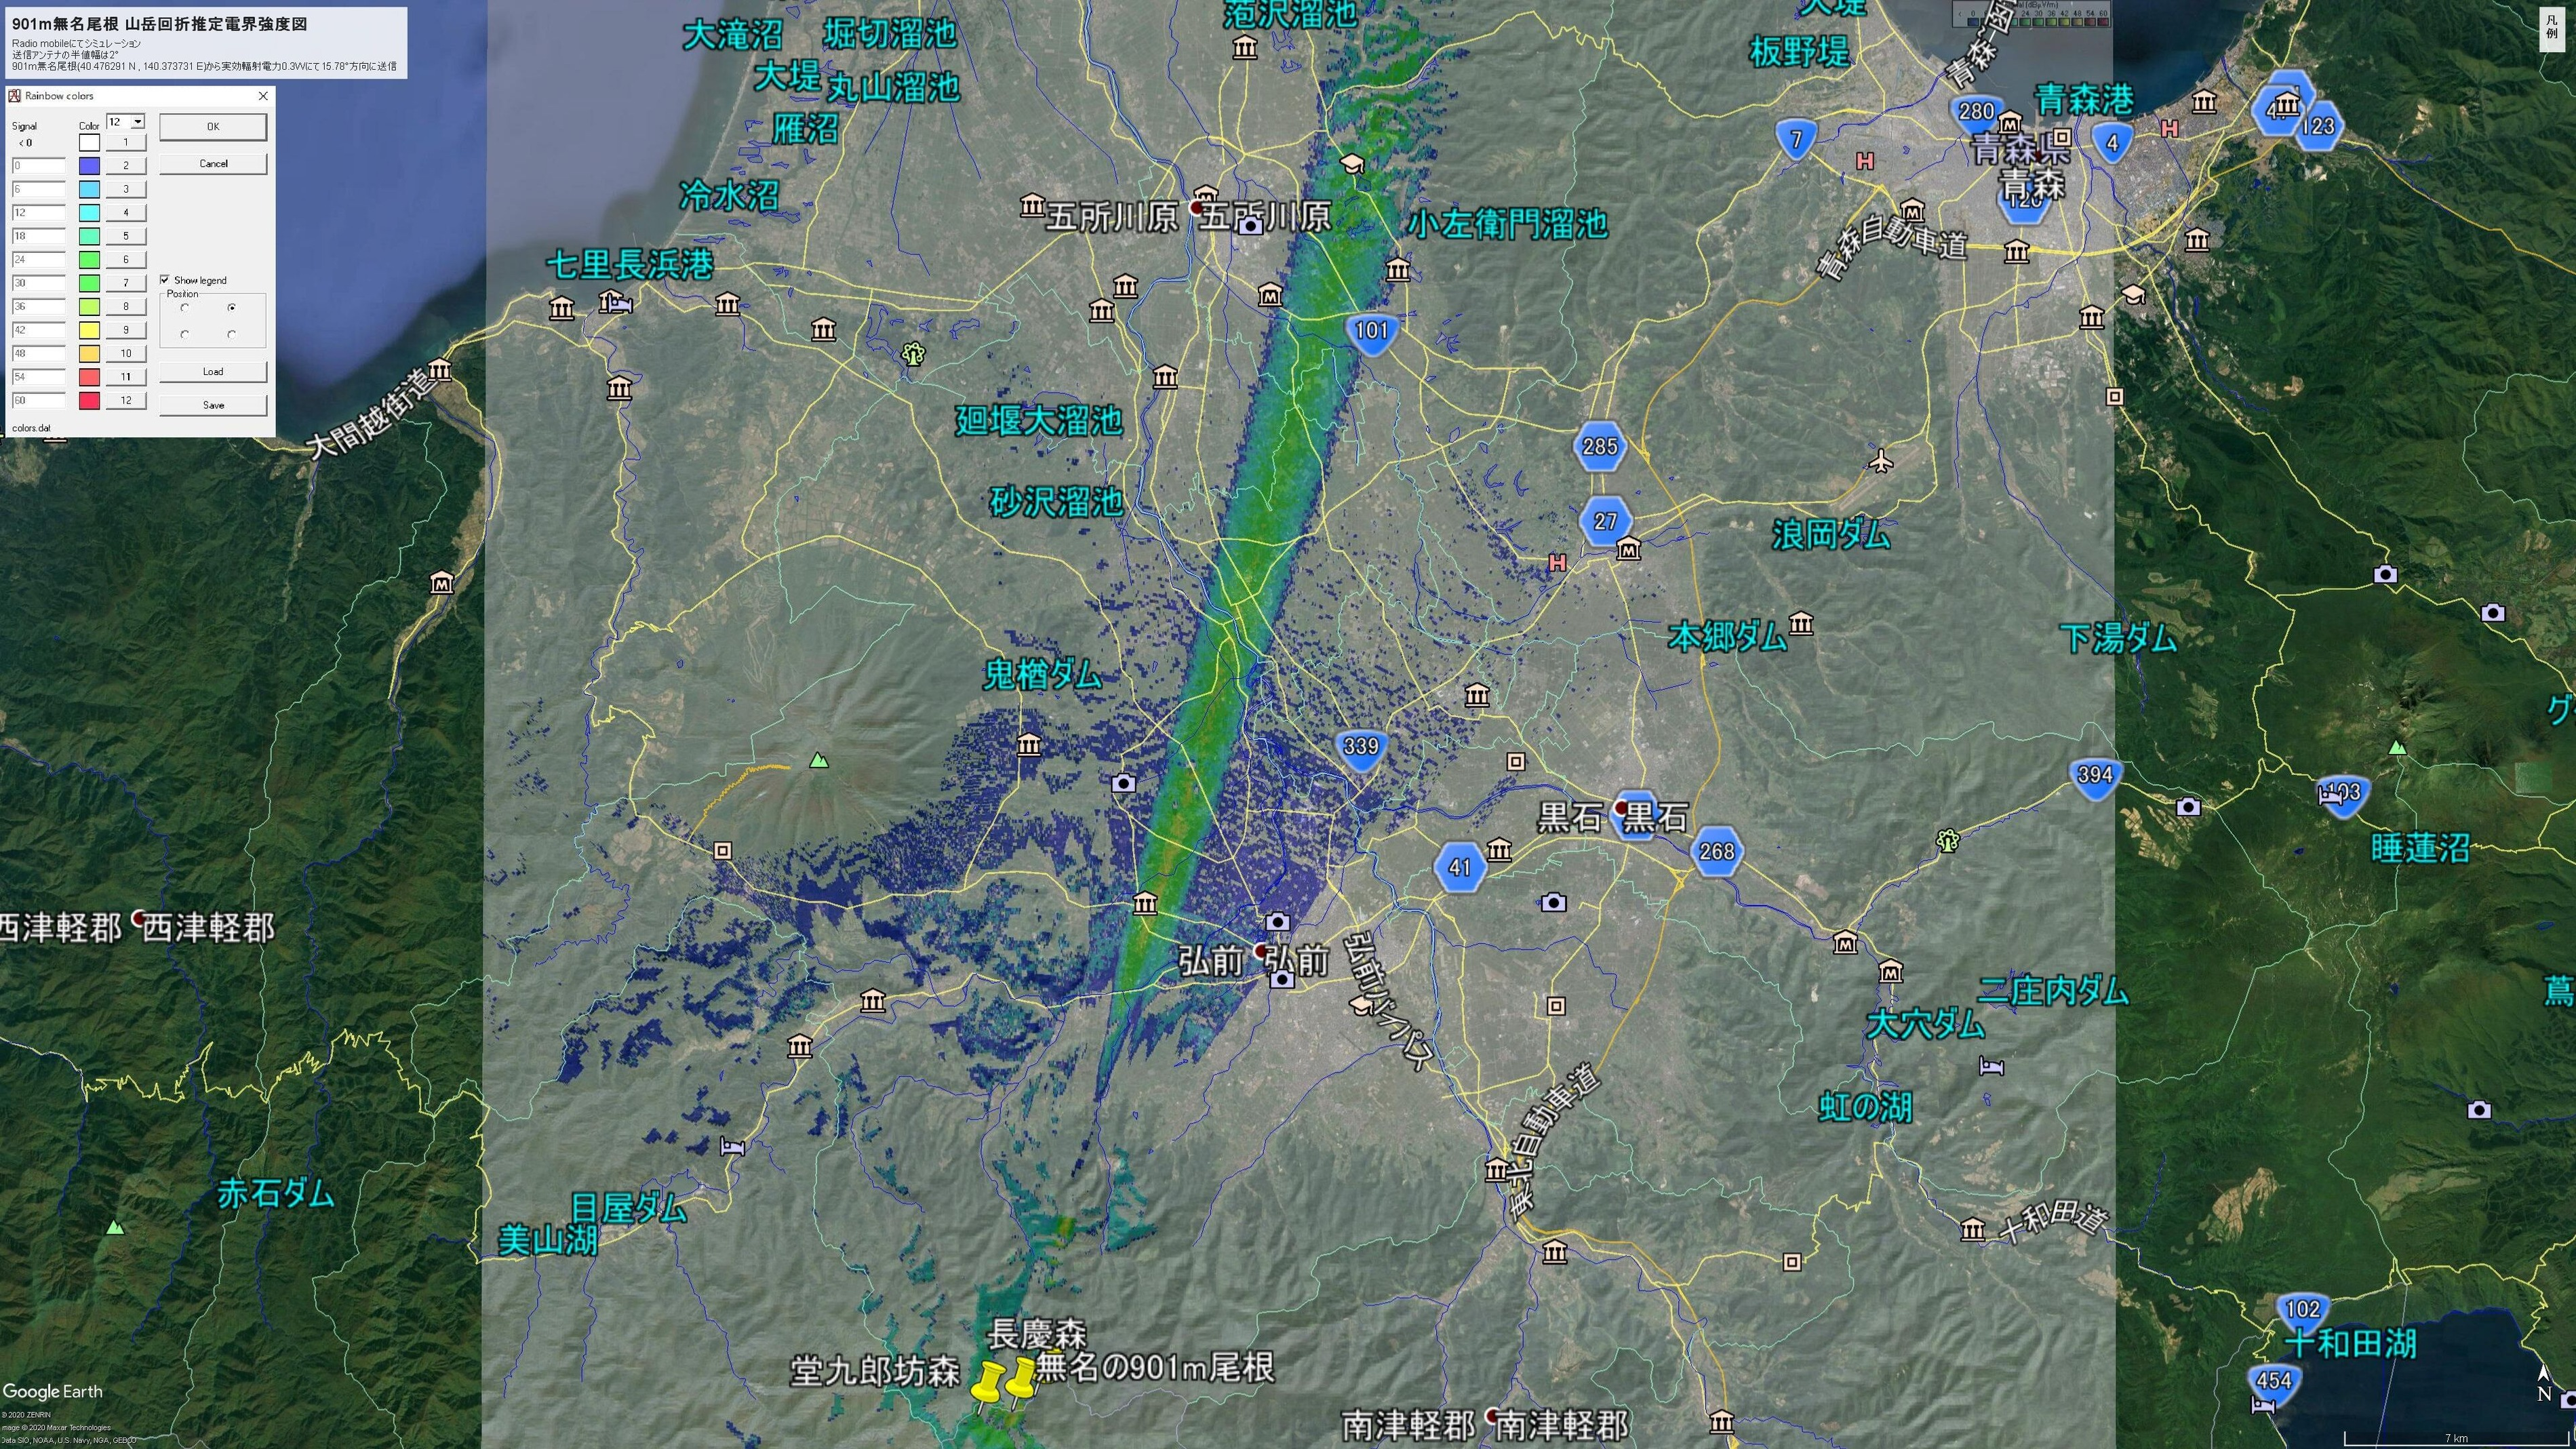 901m無名尾根 山岳回折推定電界強度図